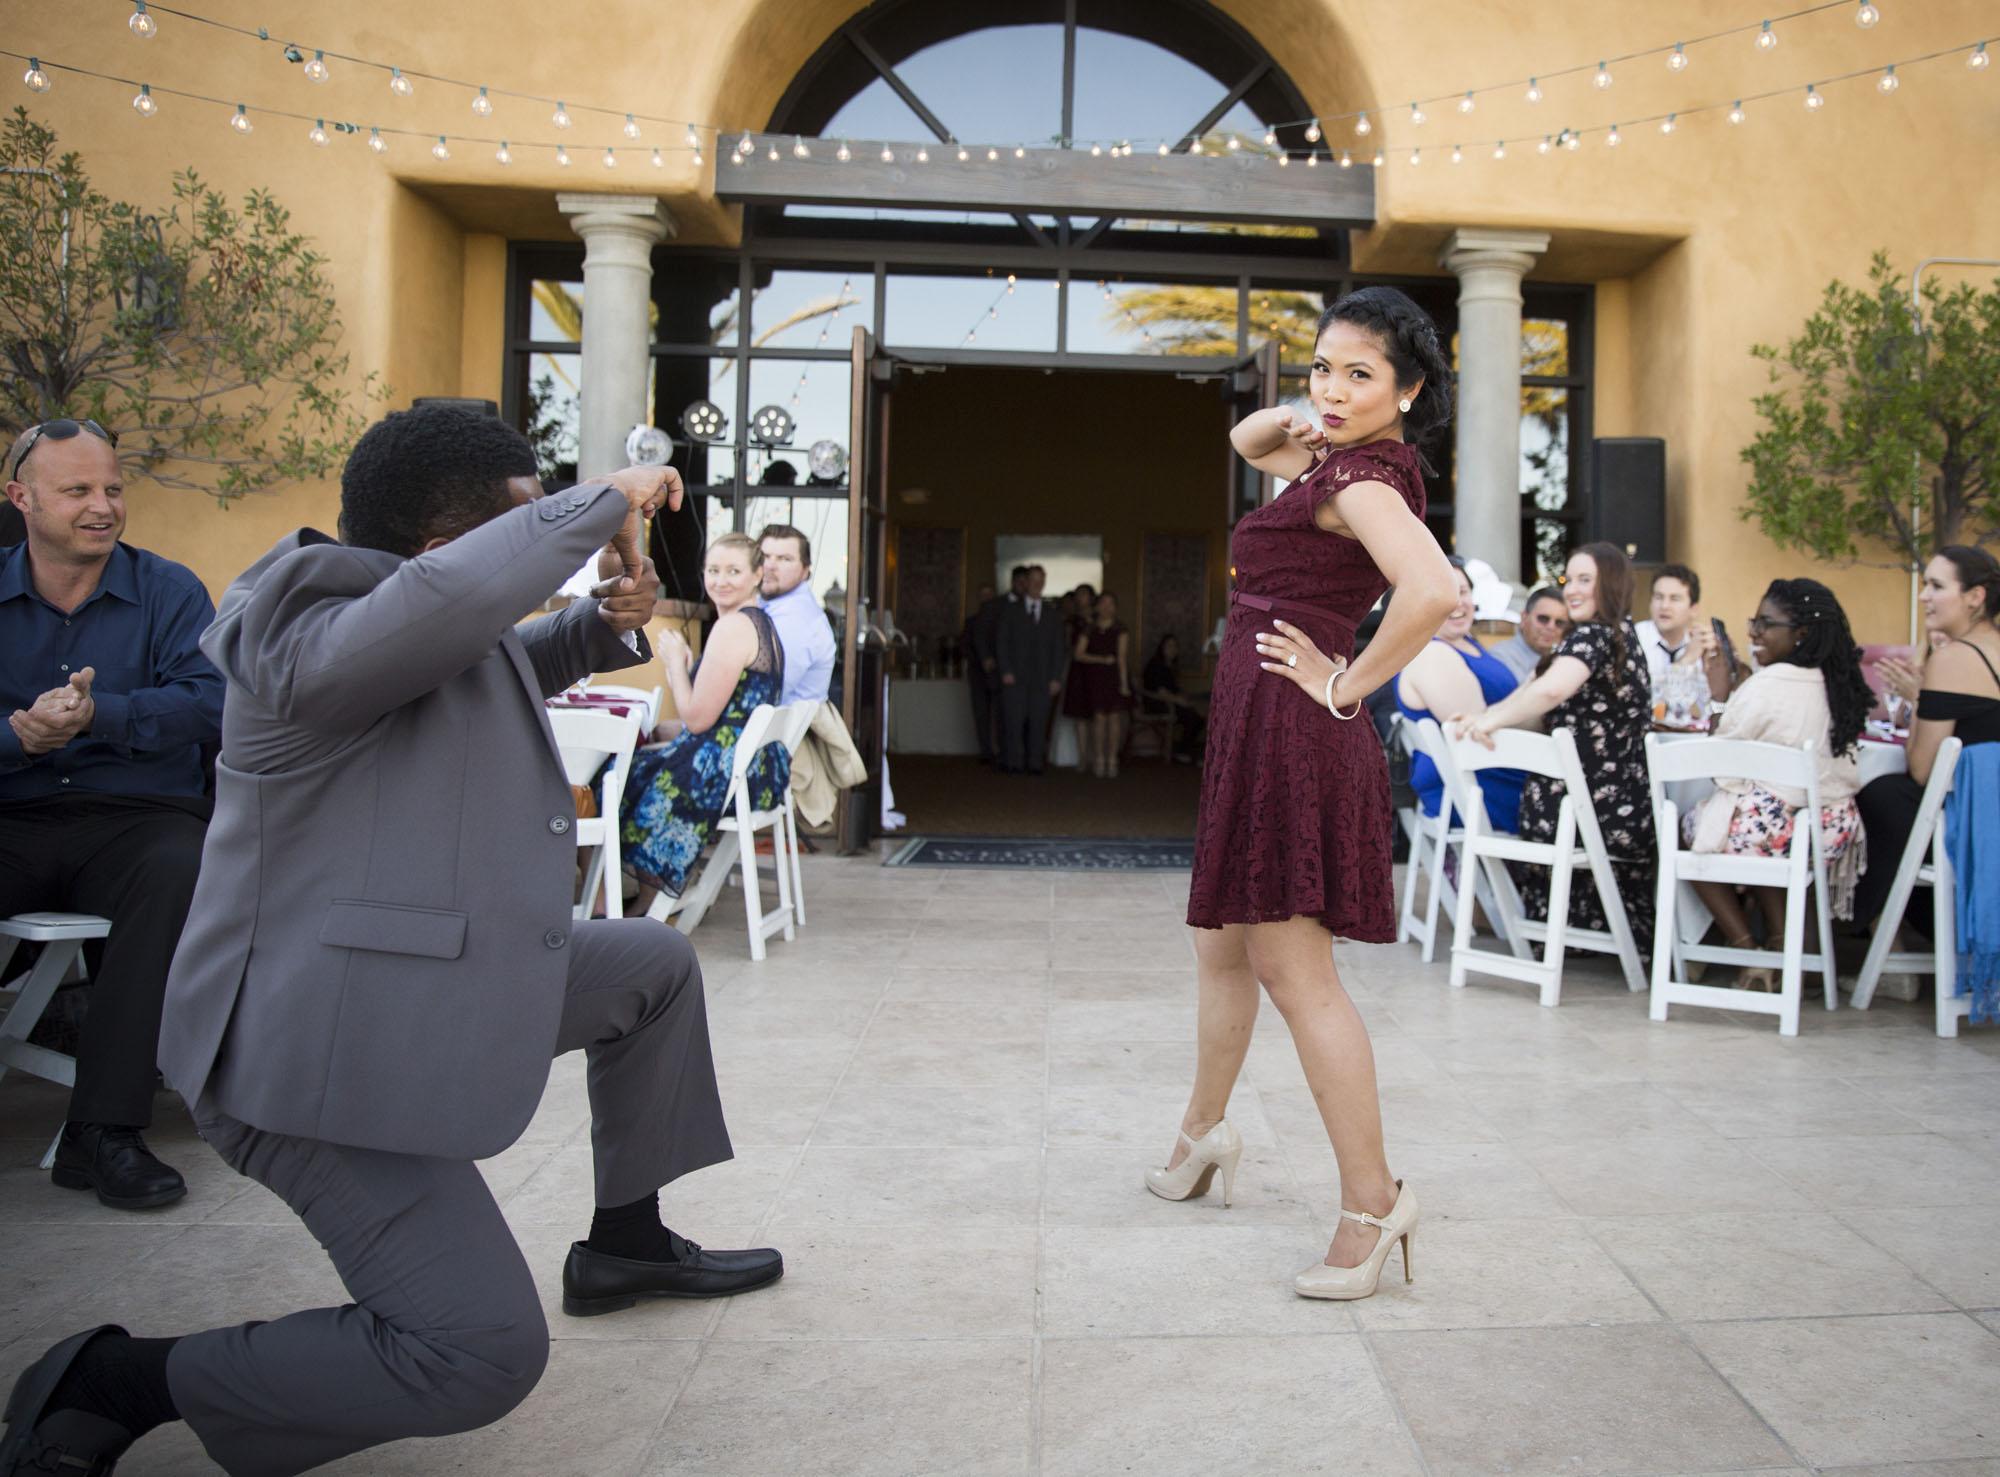 reception entrance bridal party pose